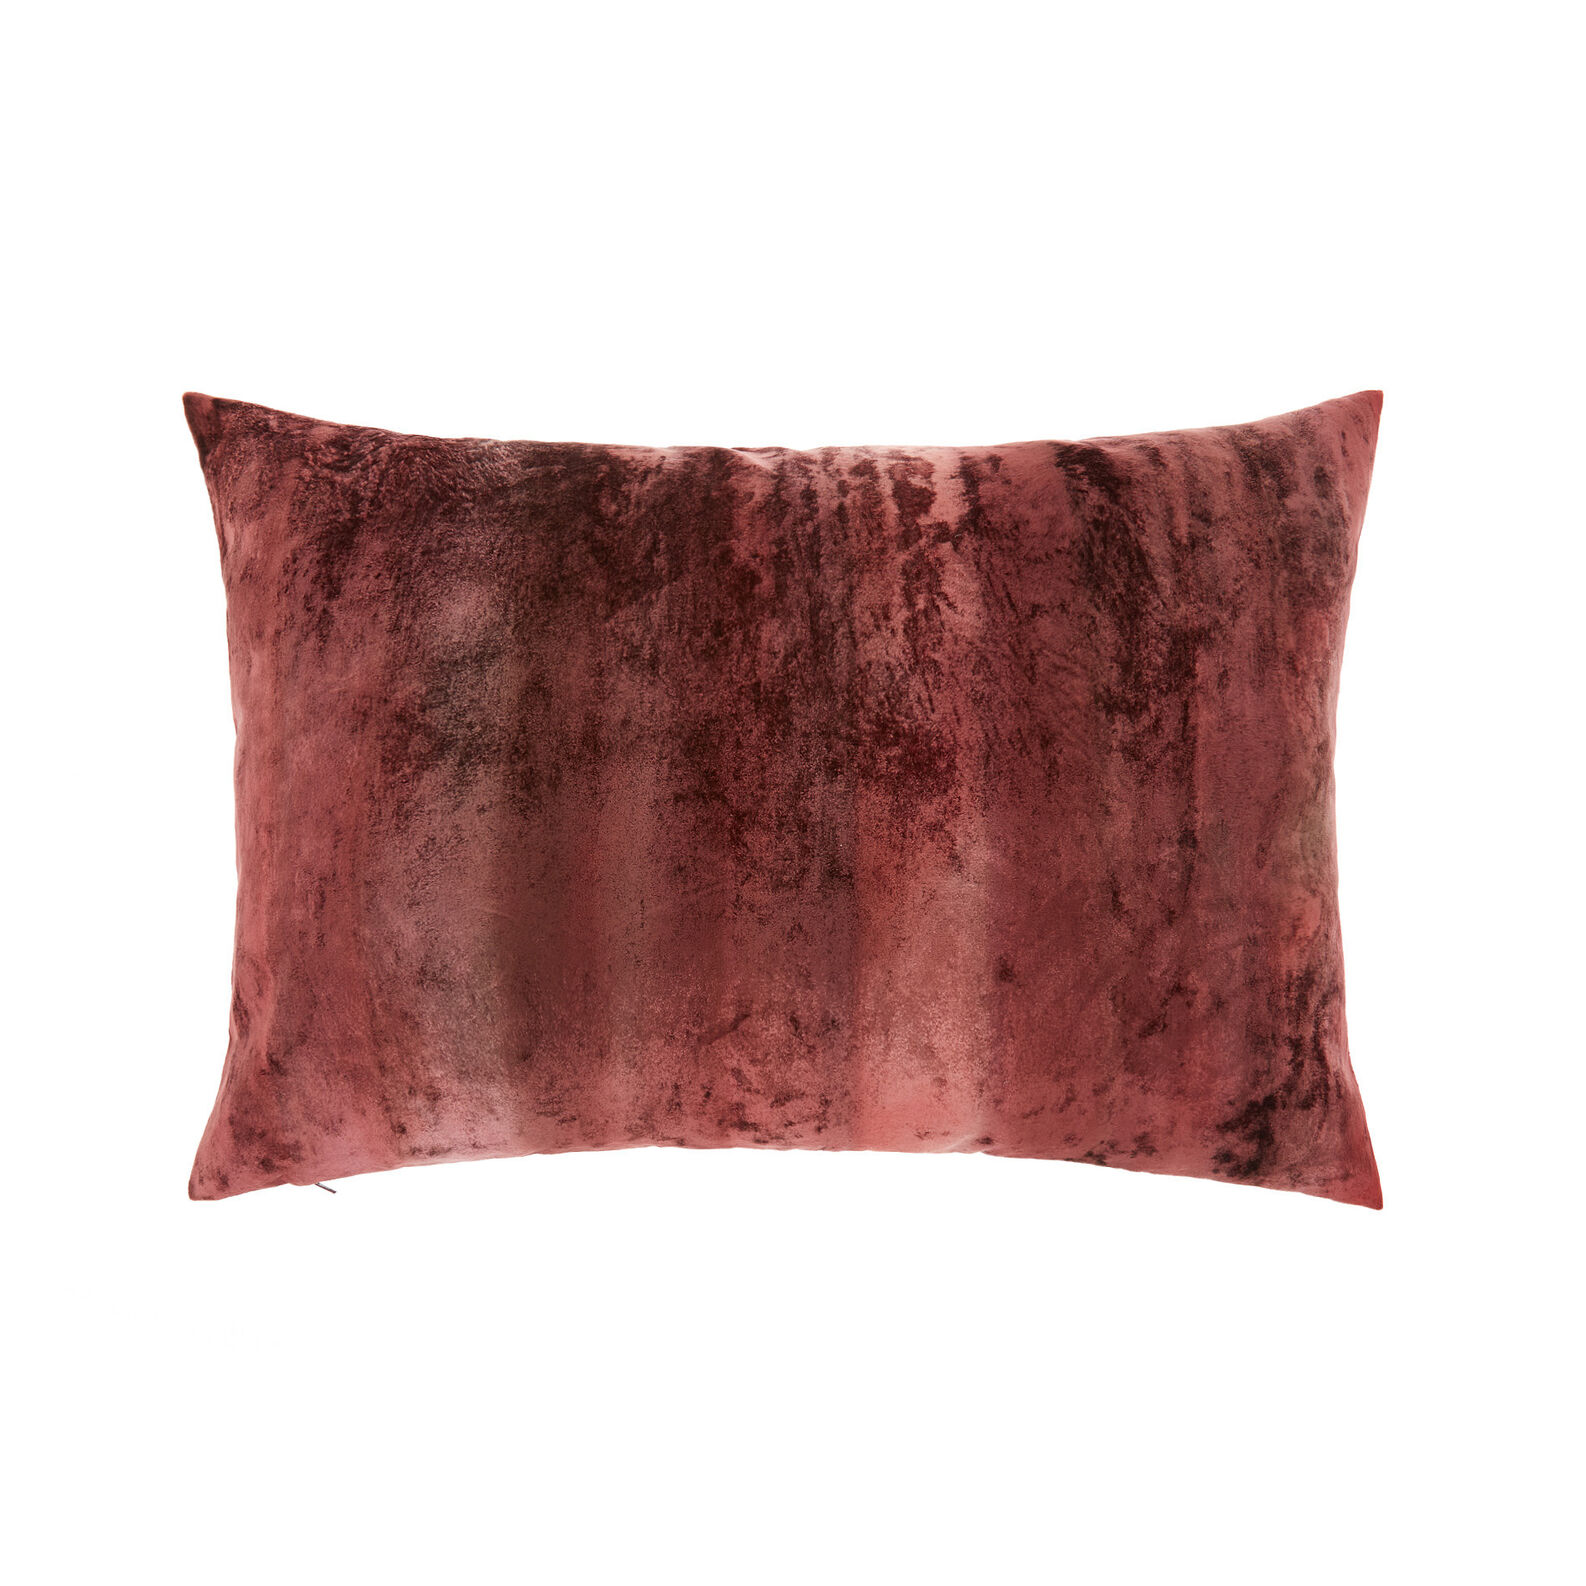 Faded velvet cushion (35x55cm)